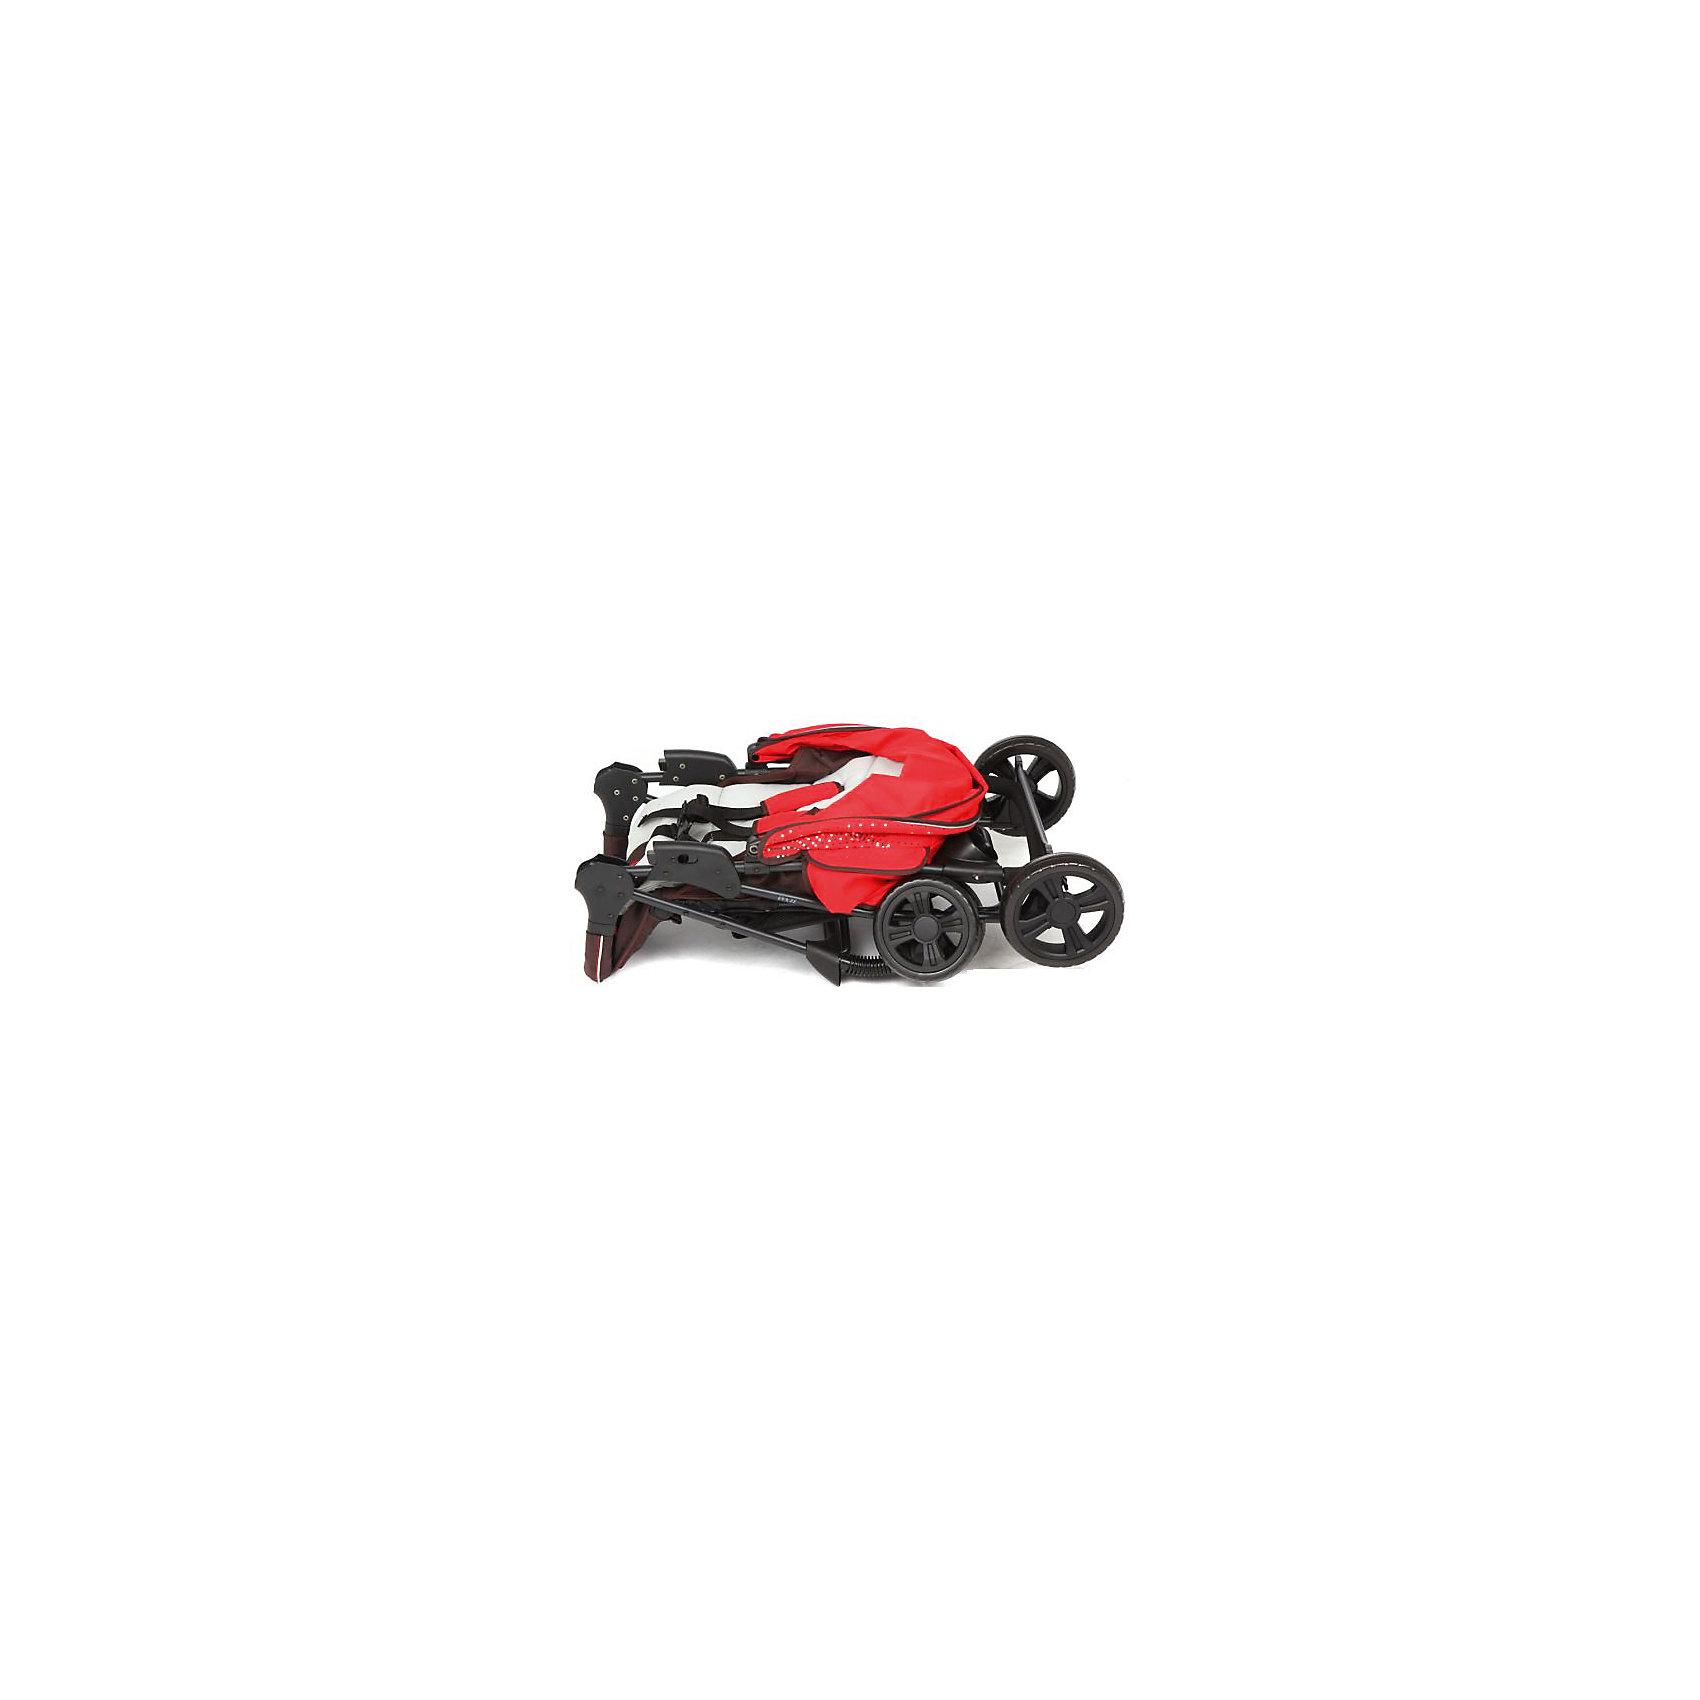 ����������� ������� E0970 TEXAS, Mobility One, �������